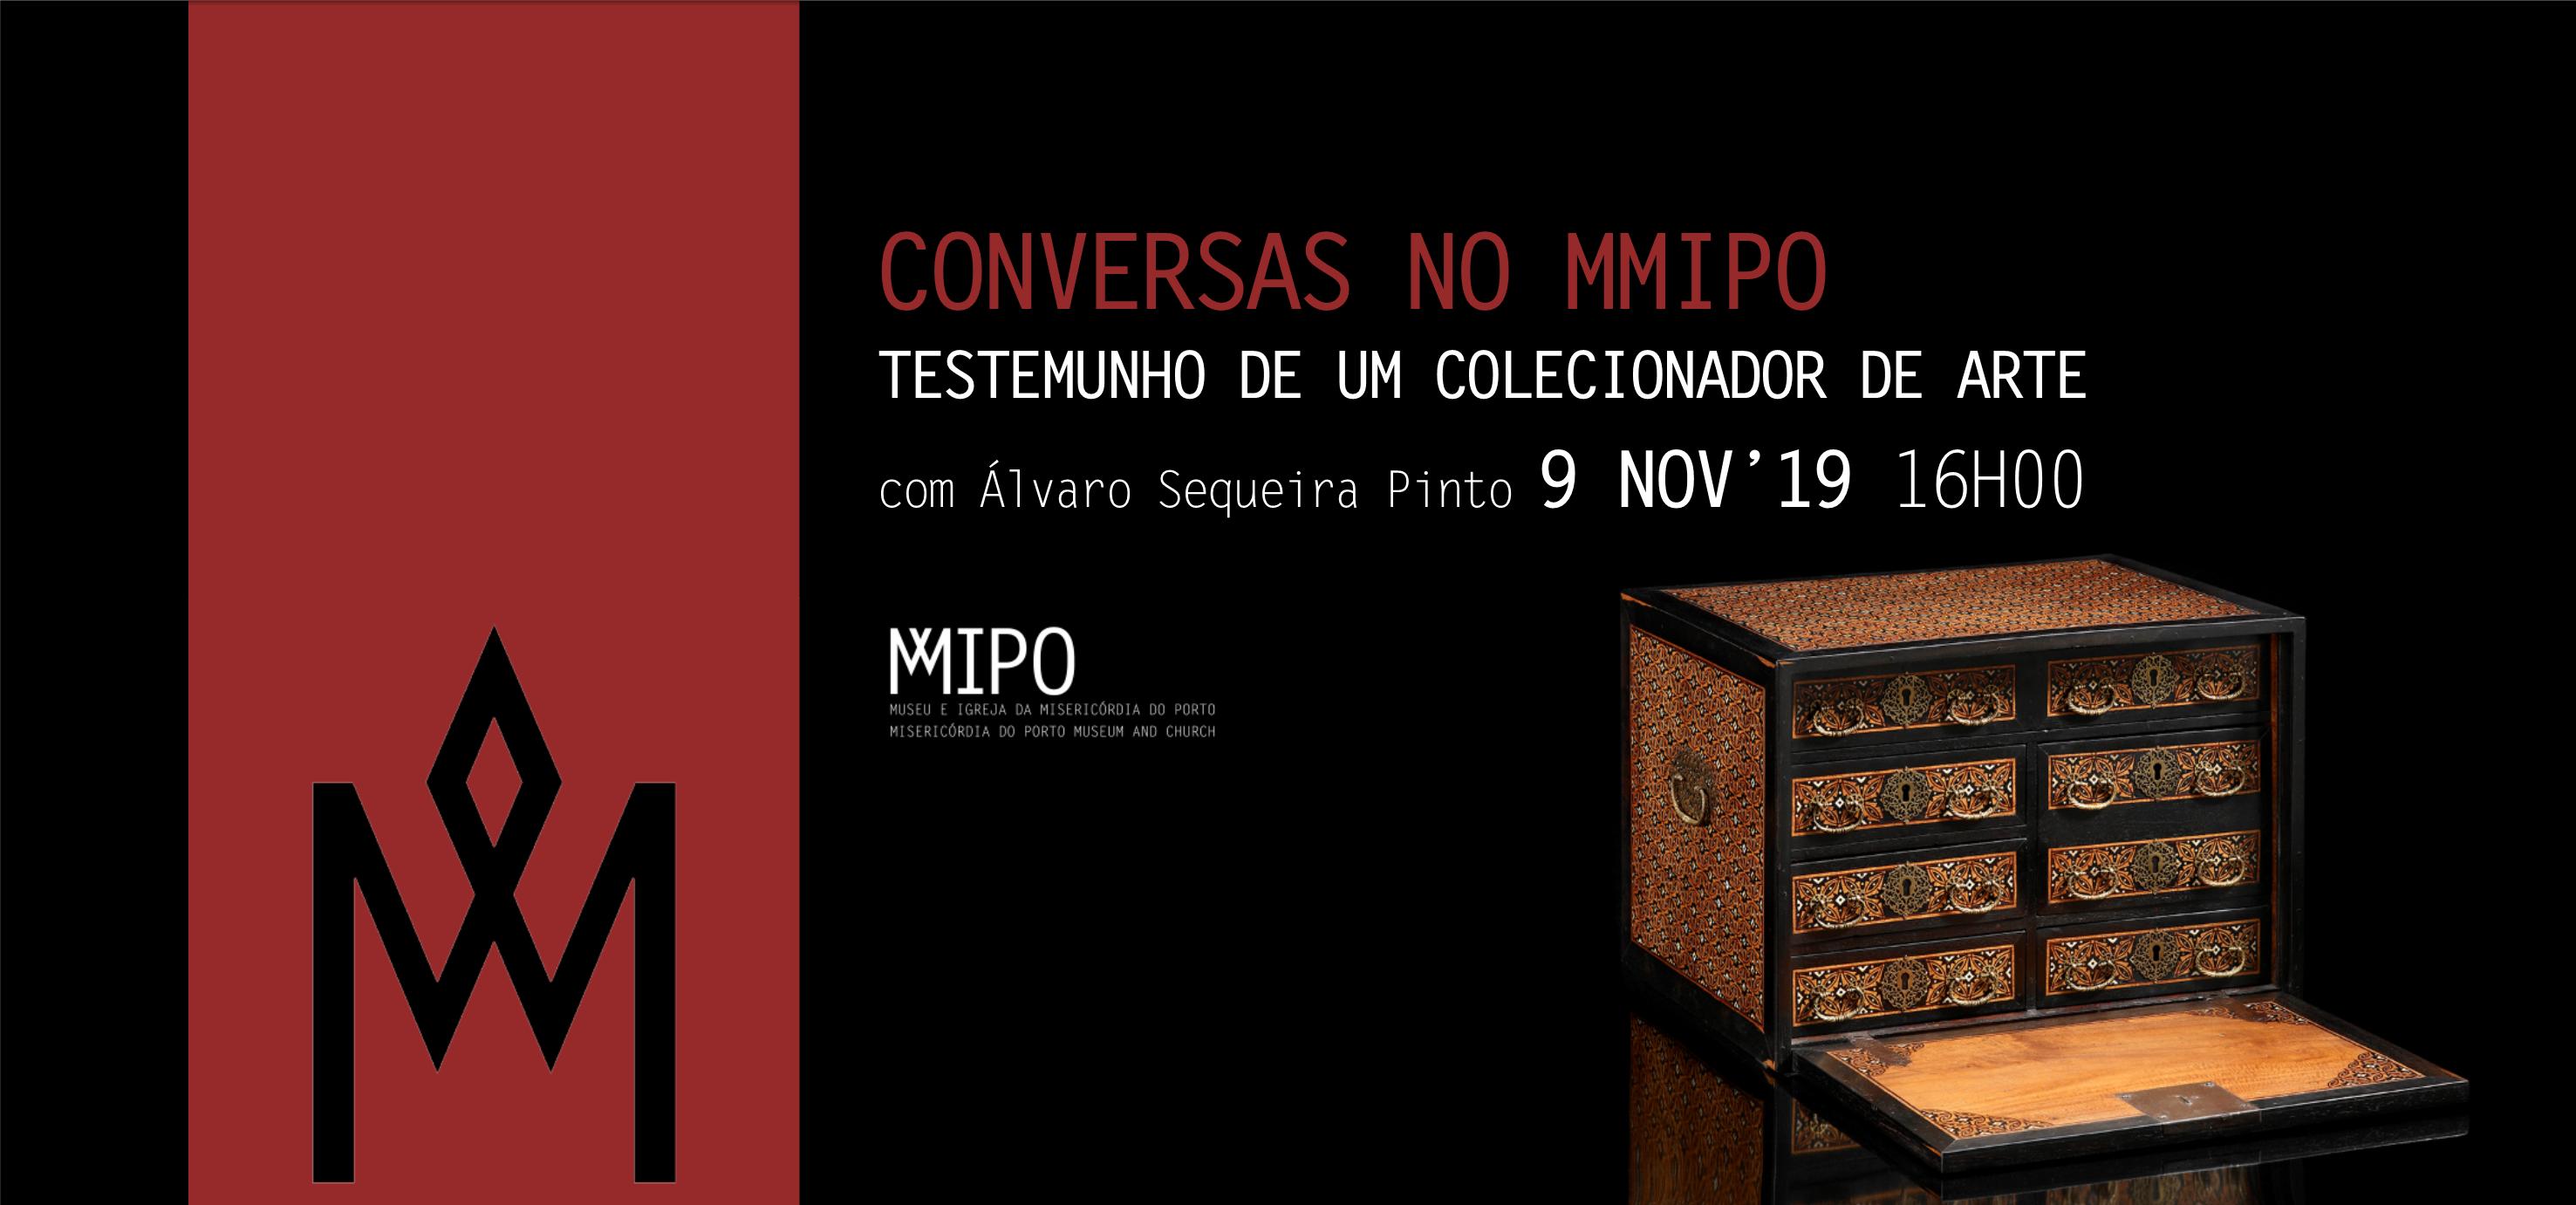 https://www.scmp.pt/assets/misc/img/Slideshow/2019/banner.png